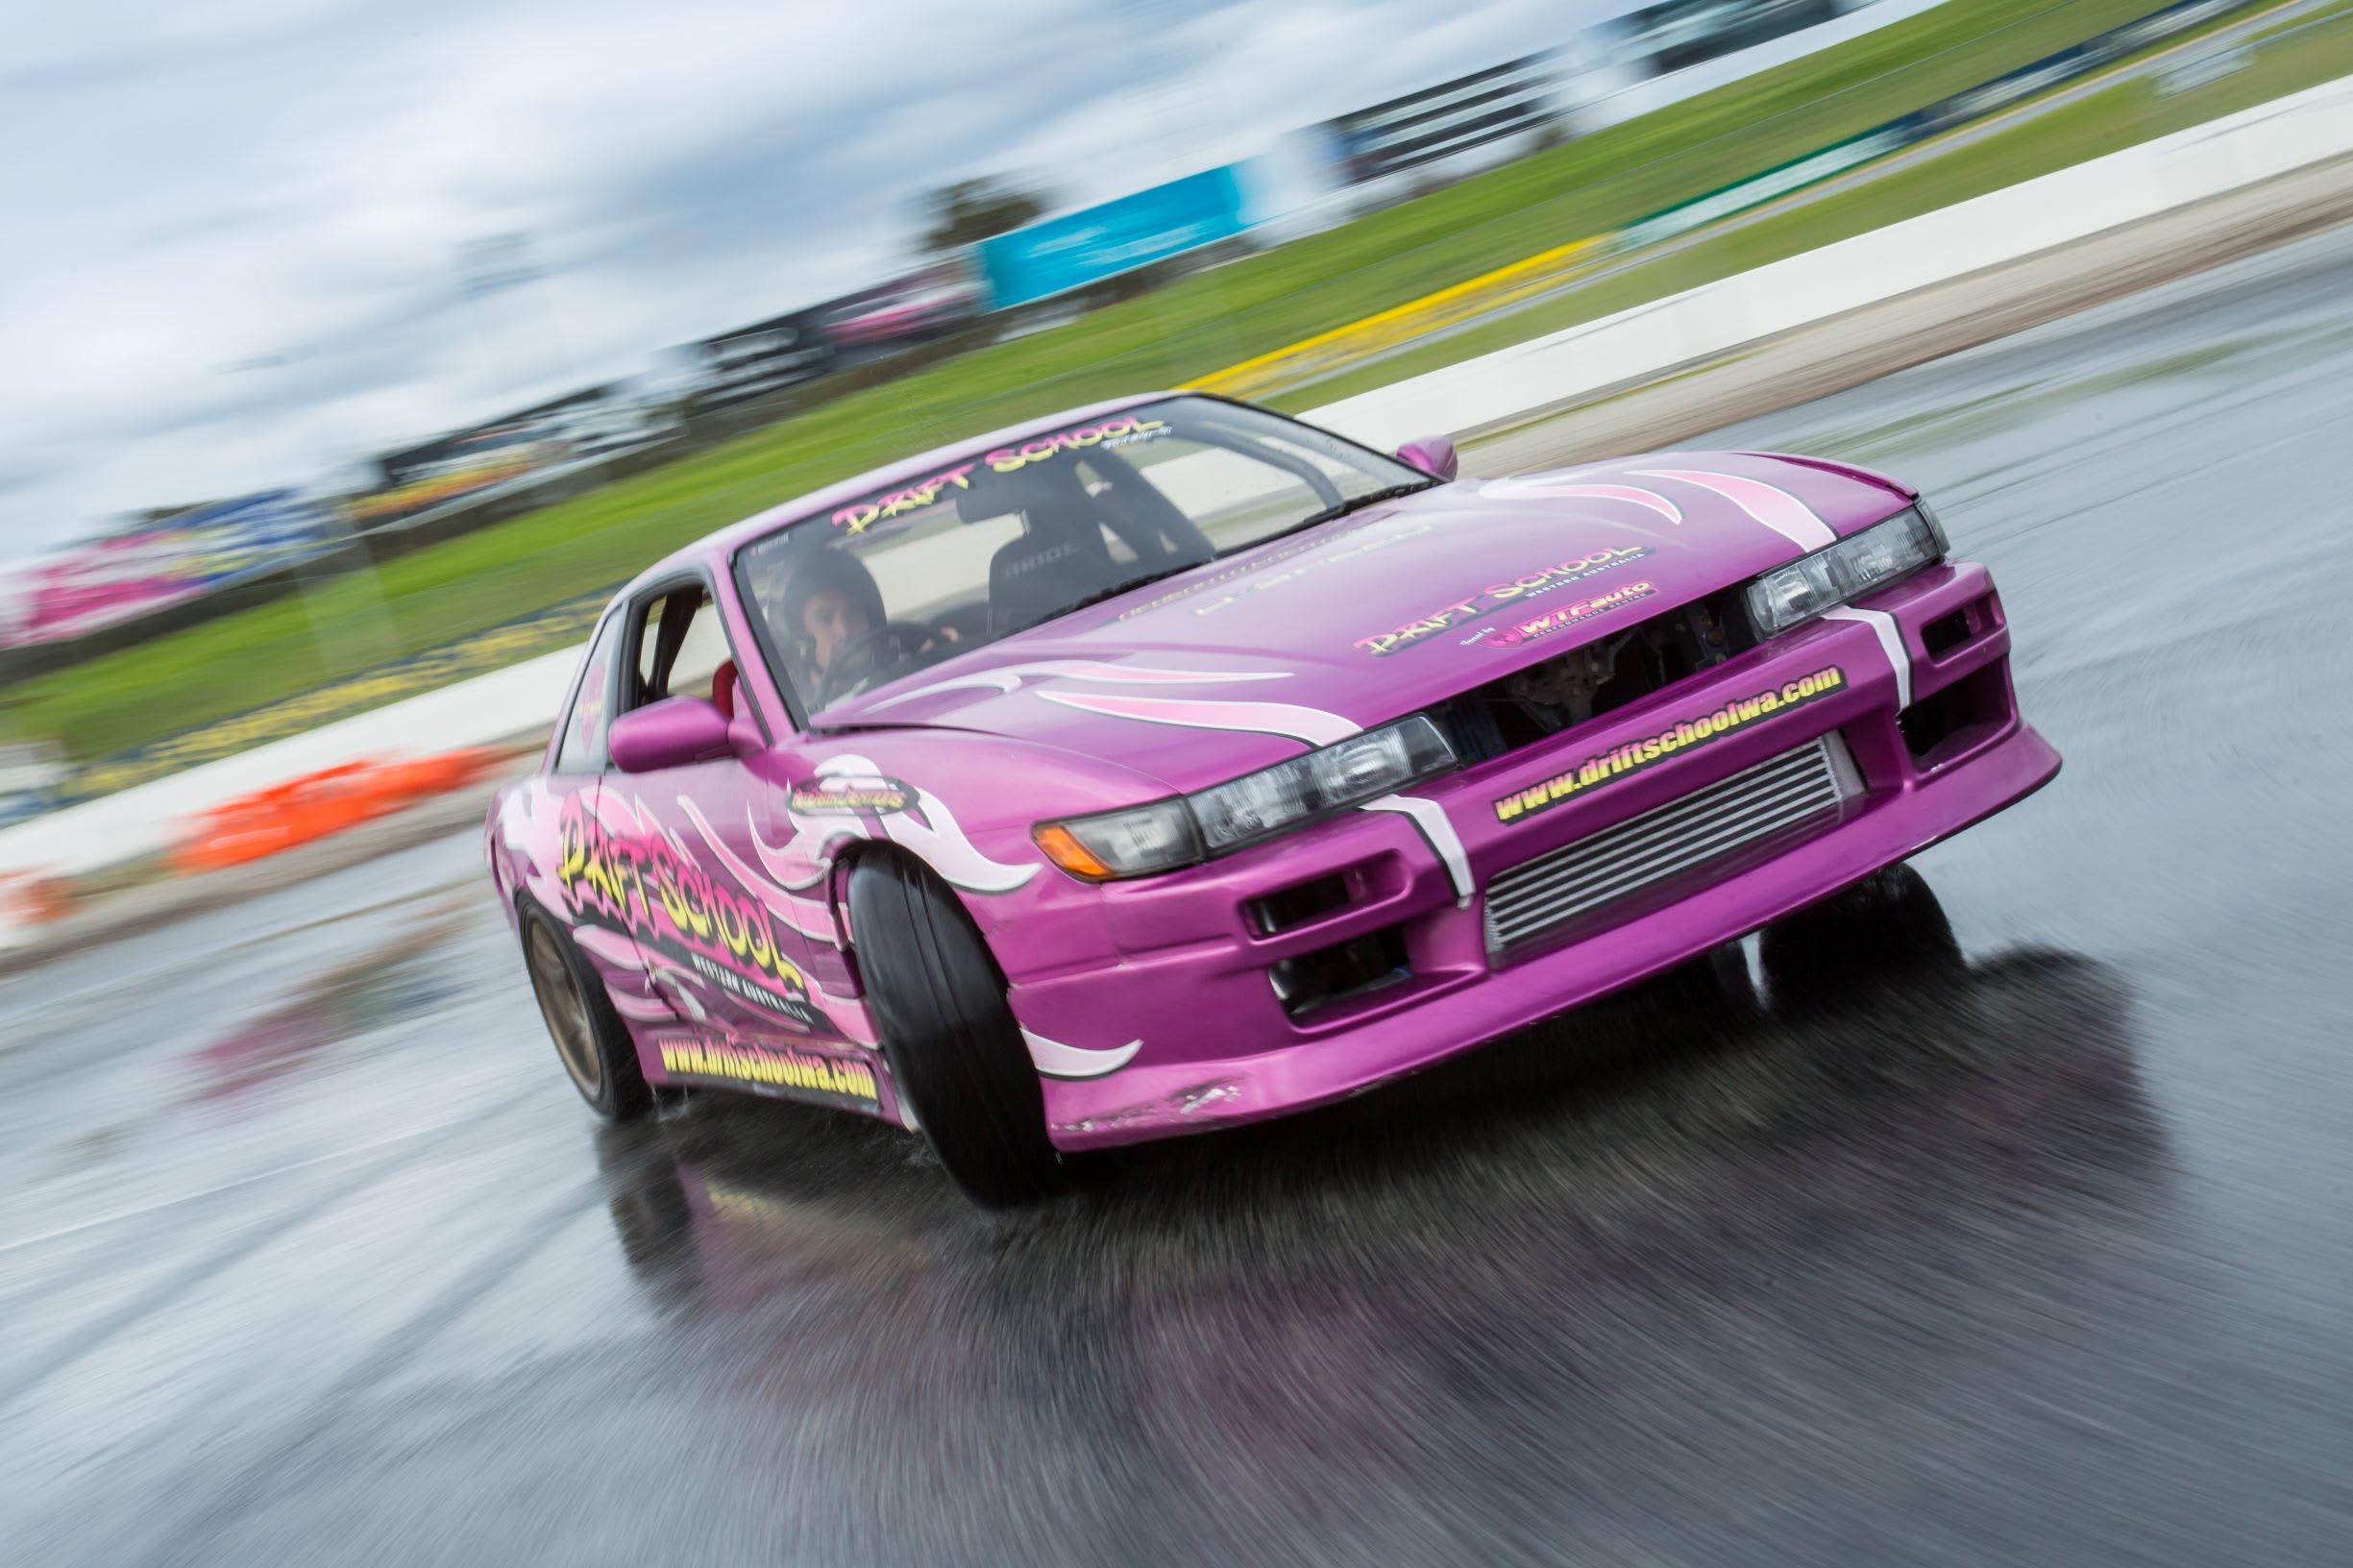 Drifting, 10 Lap Drive & 2 Hot Laps - Perth